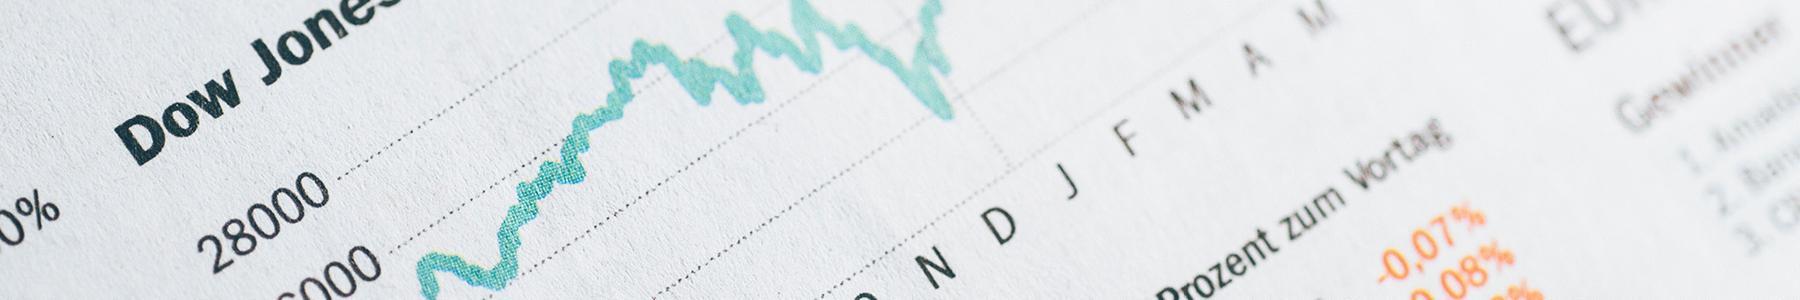 Market Insights: Impact of the Coronavirus on Markets Thumbnail